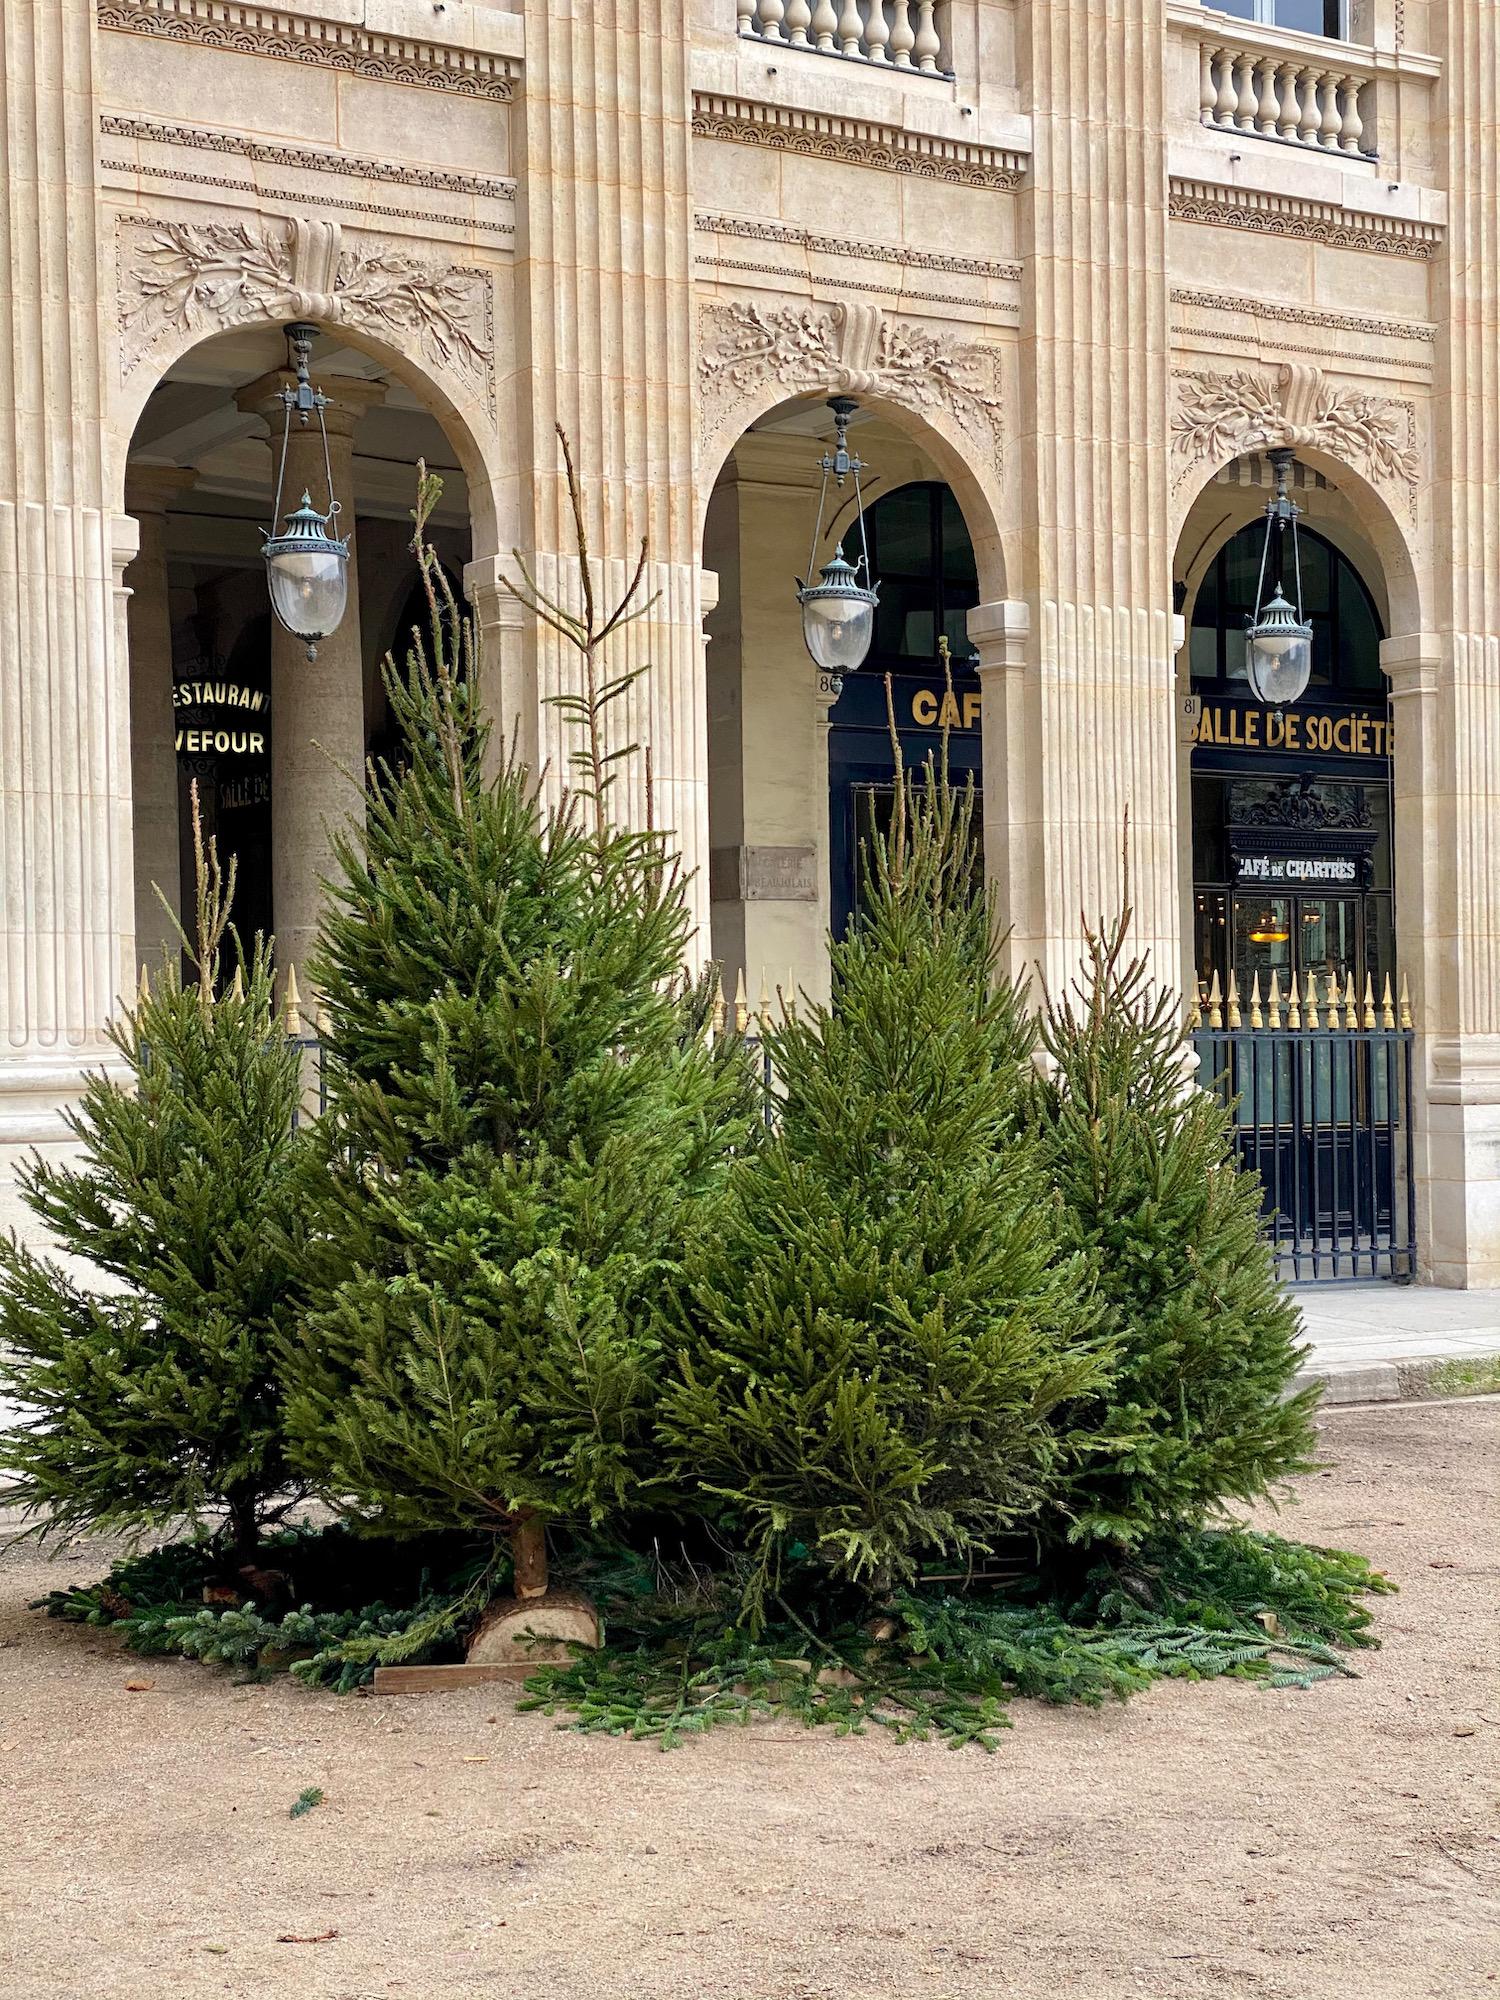 palais royal christmas 2020